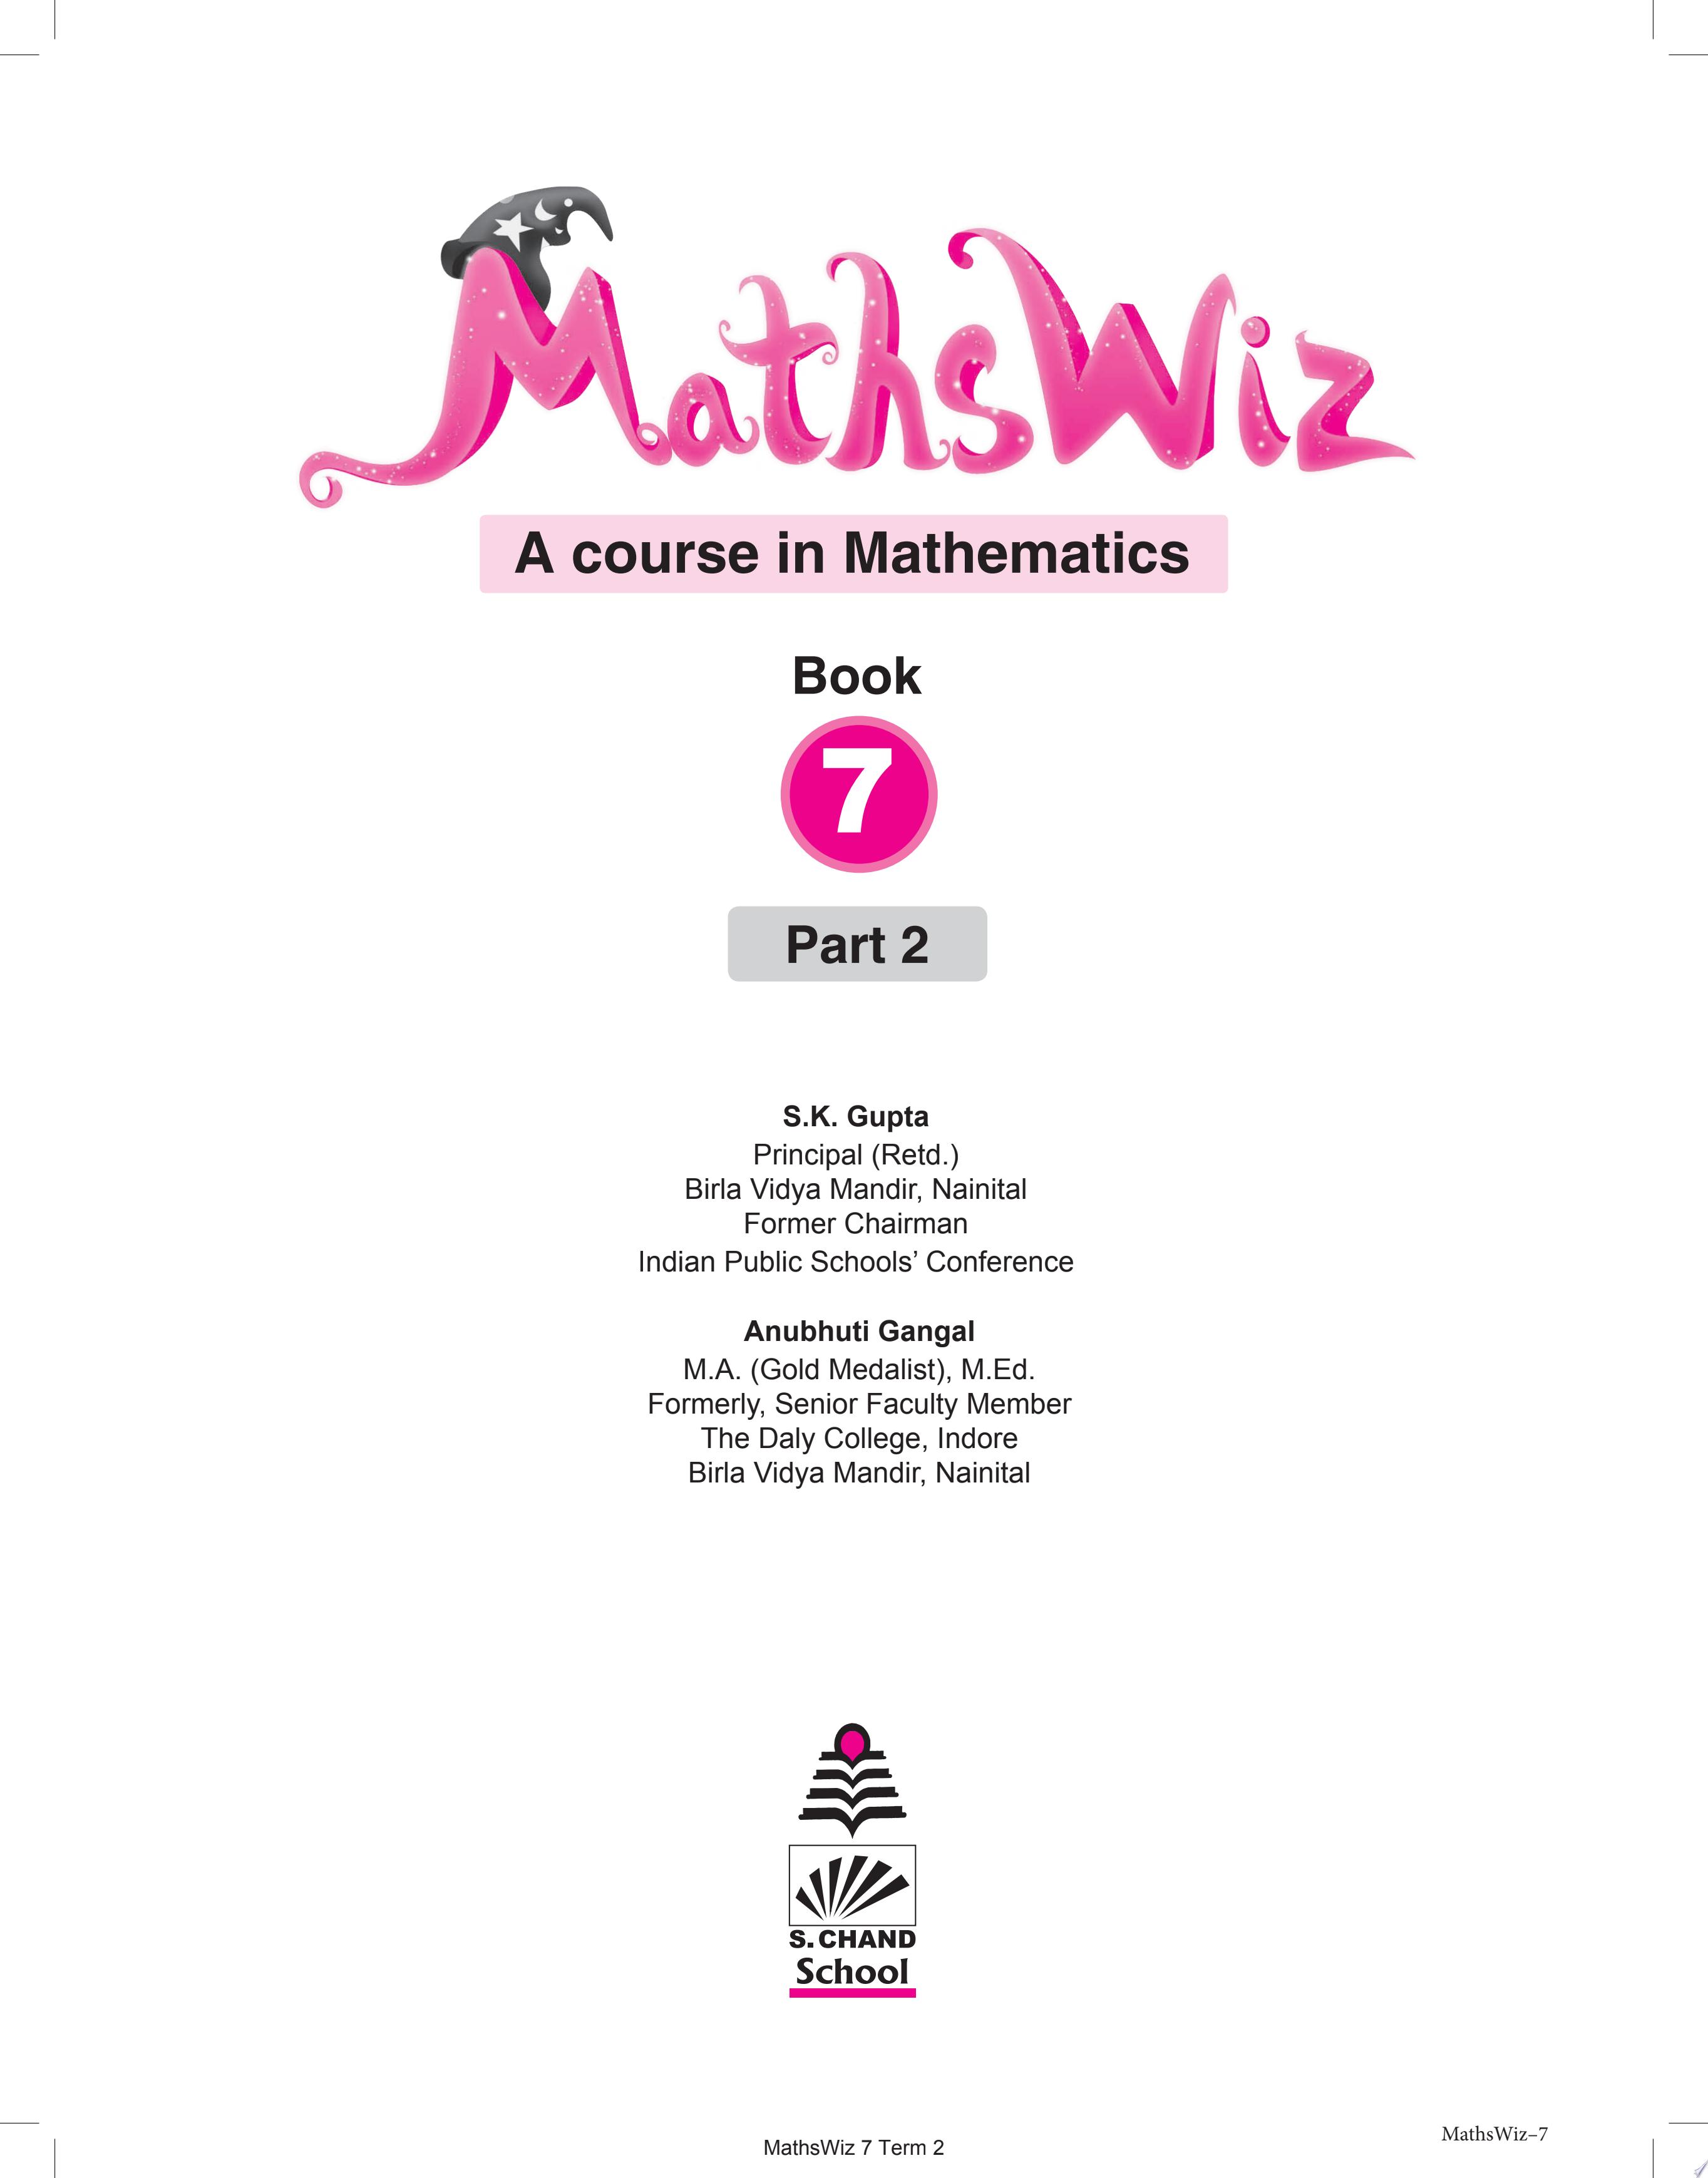 MathsWiz Class 7 Part 2